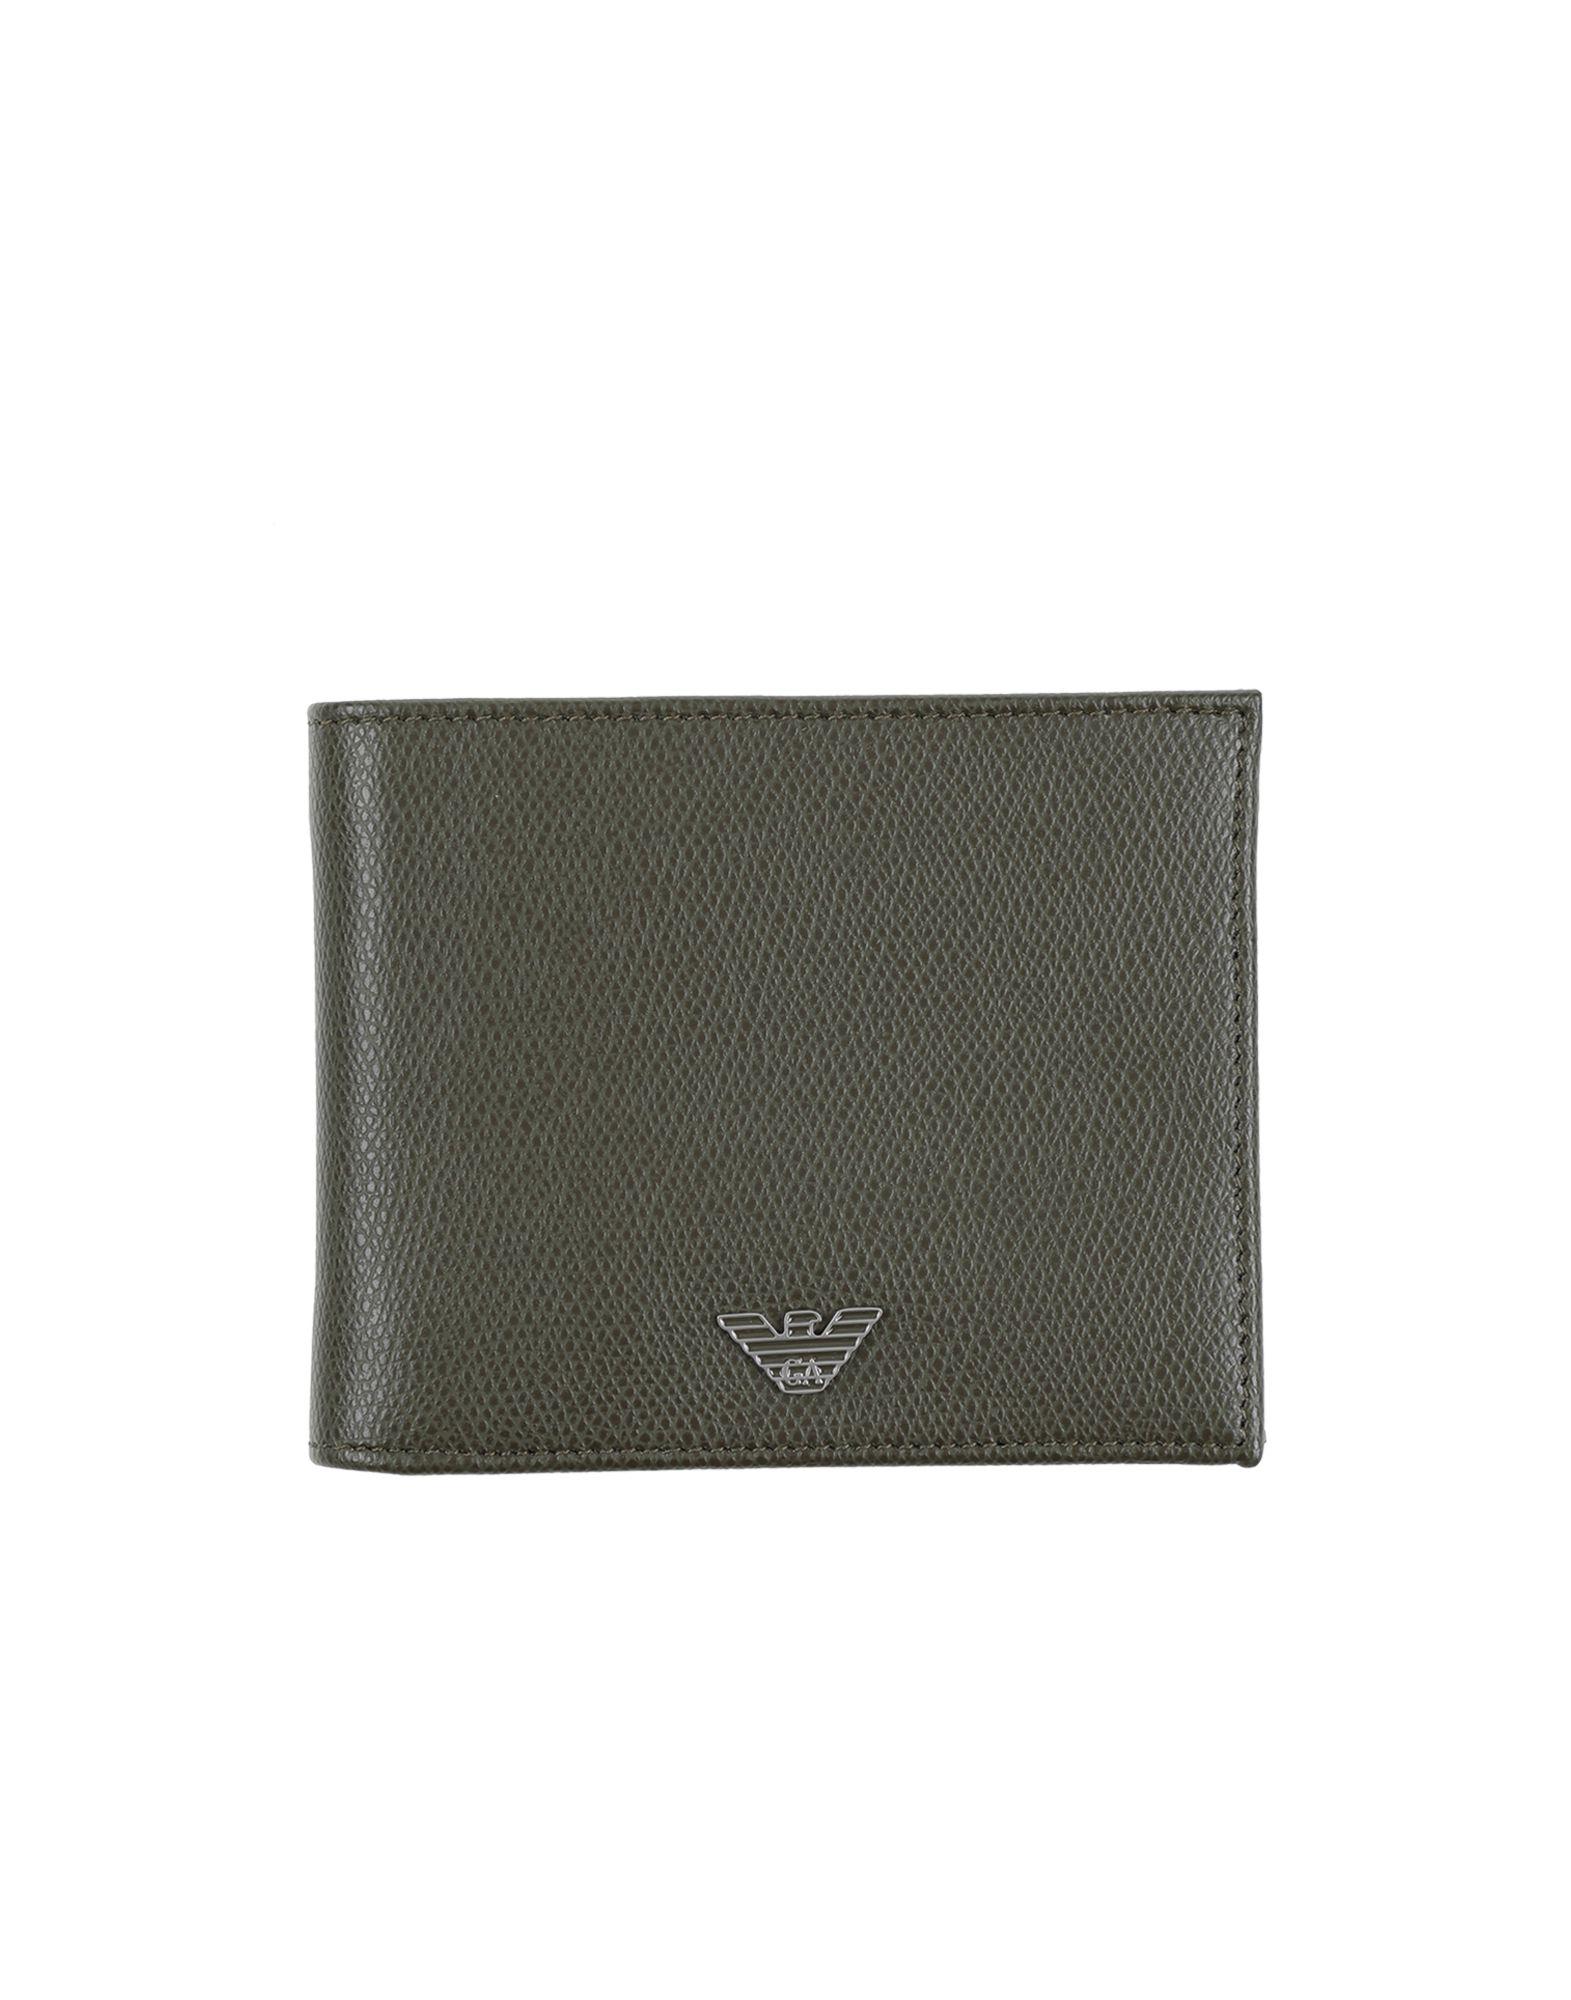 122143087a4f エンポリオアルマーニ(EMPORIO ARMANI) メンズ長財布 | 通販・人気 ...